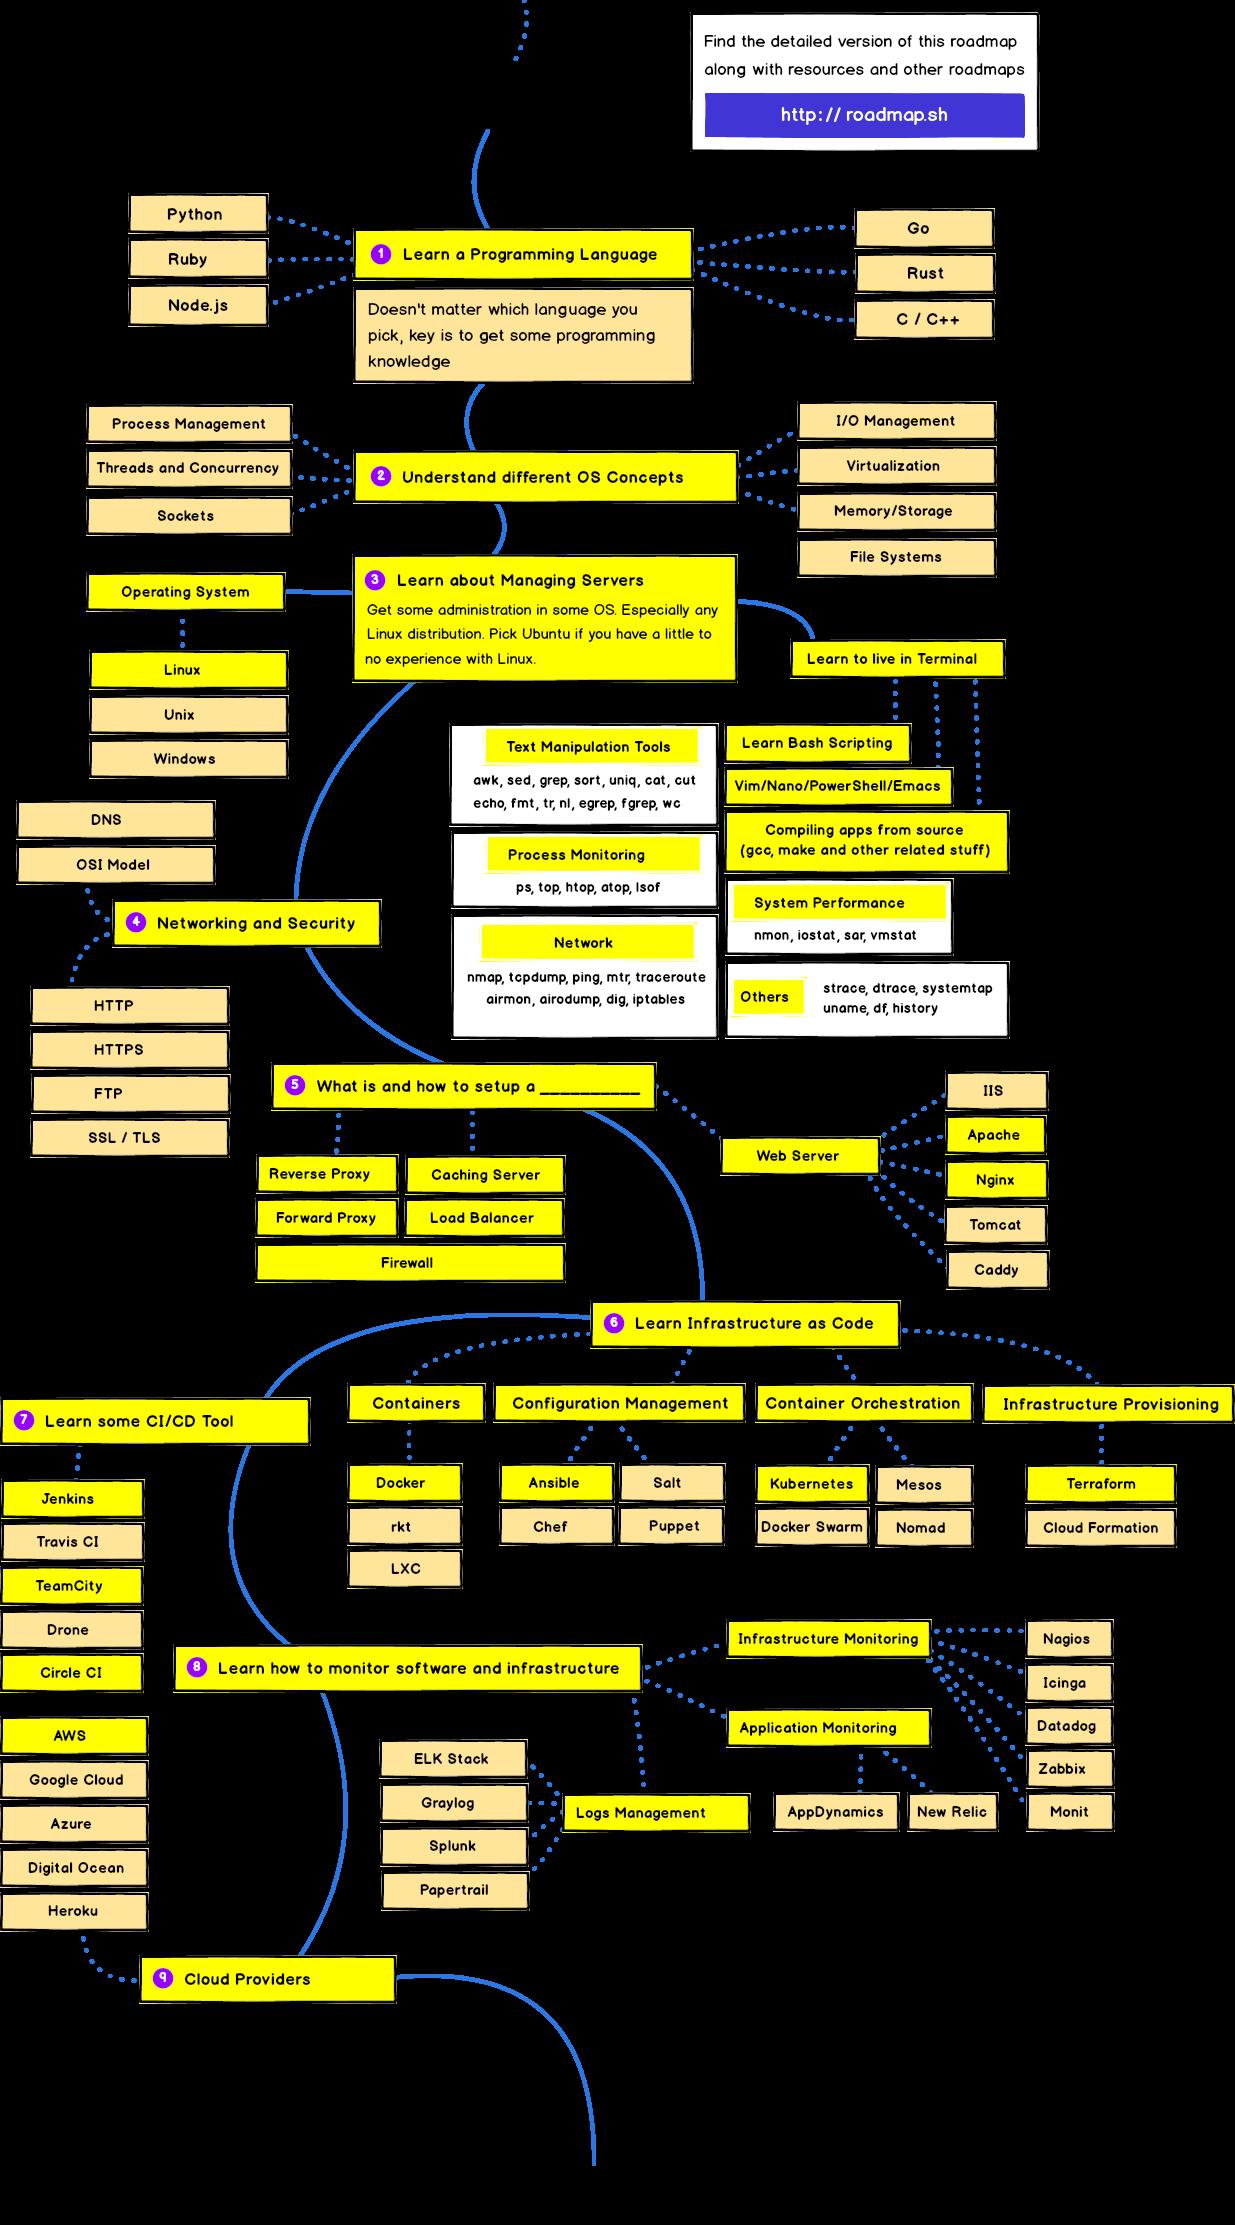 devops-roadmap sh